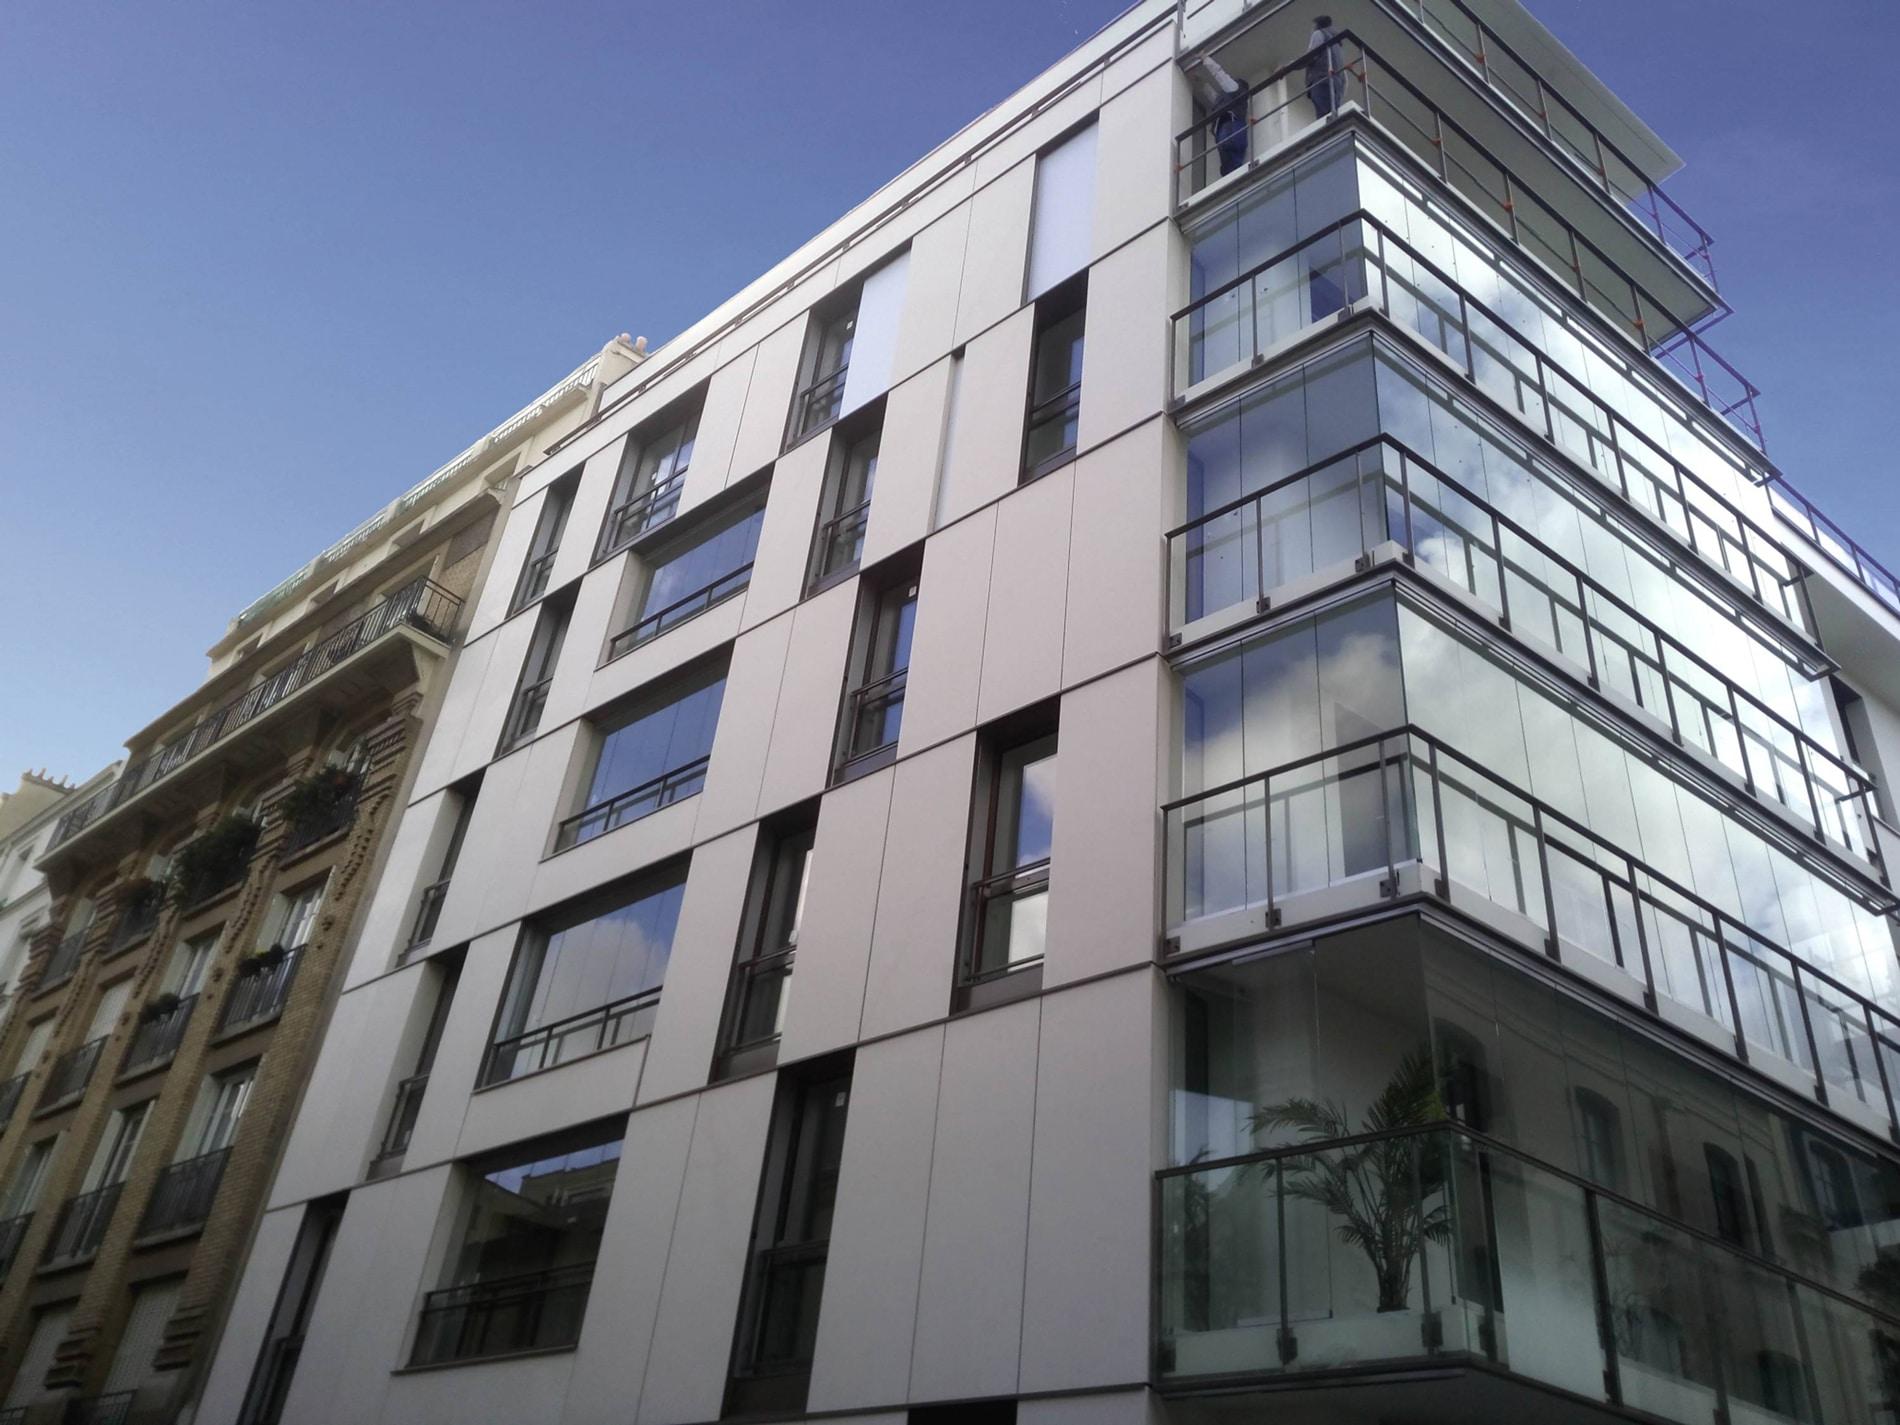 Schiebe-Faltsystem für große Balkone